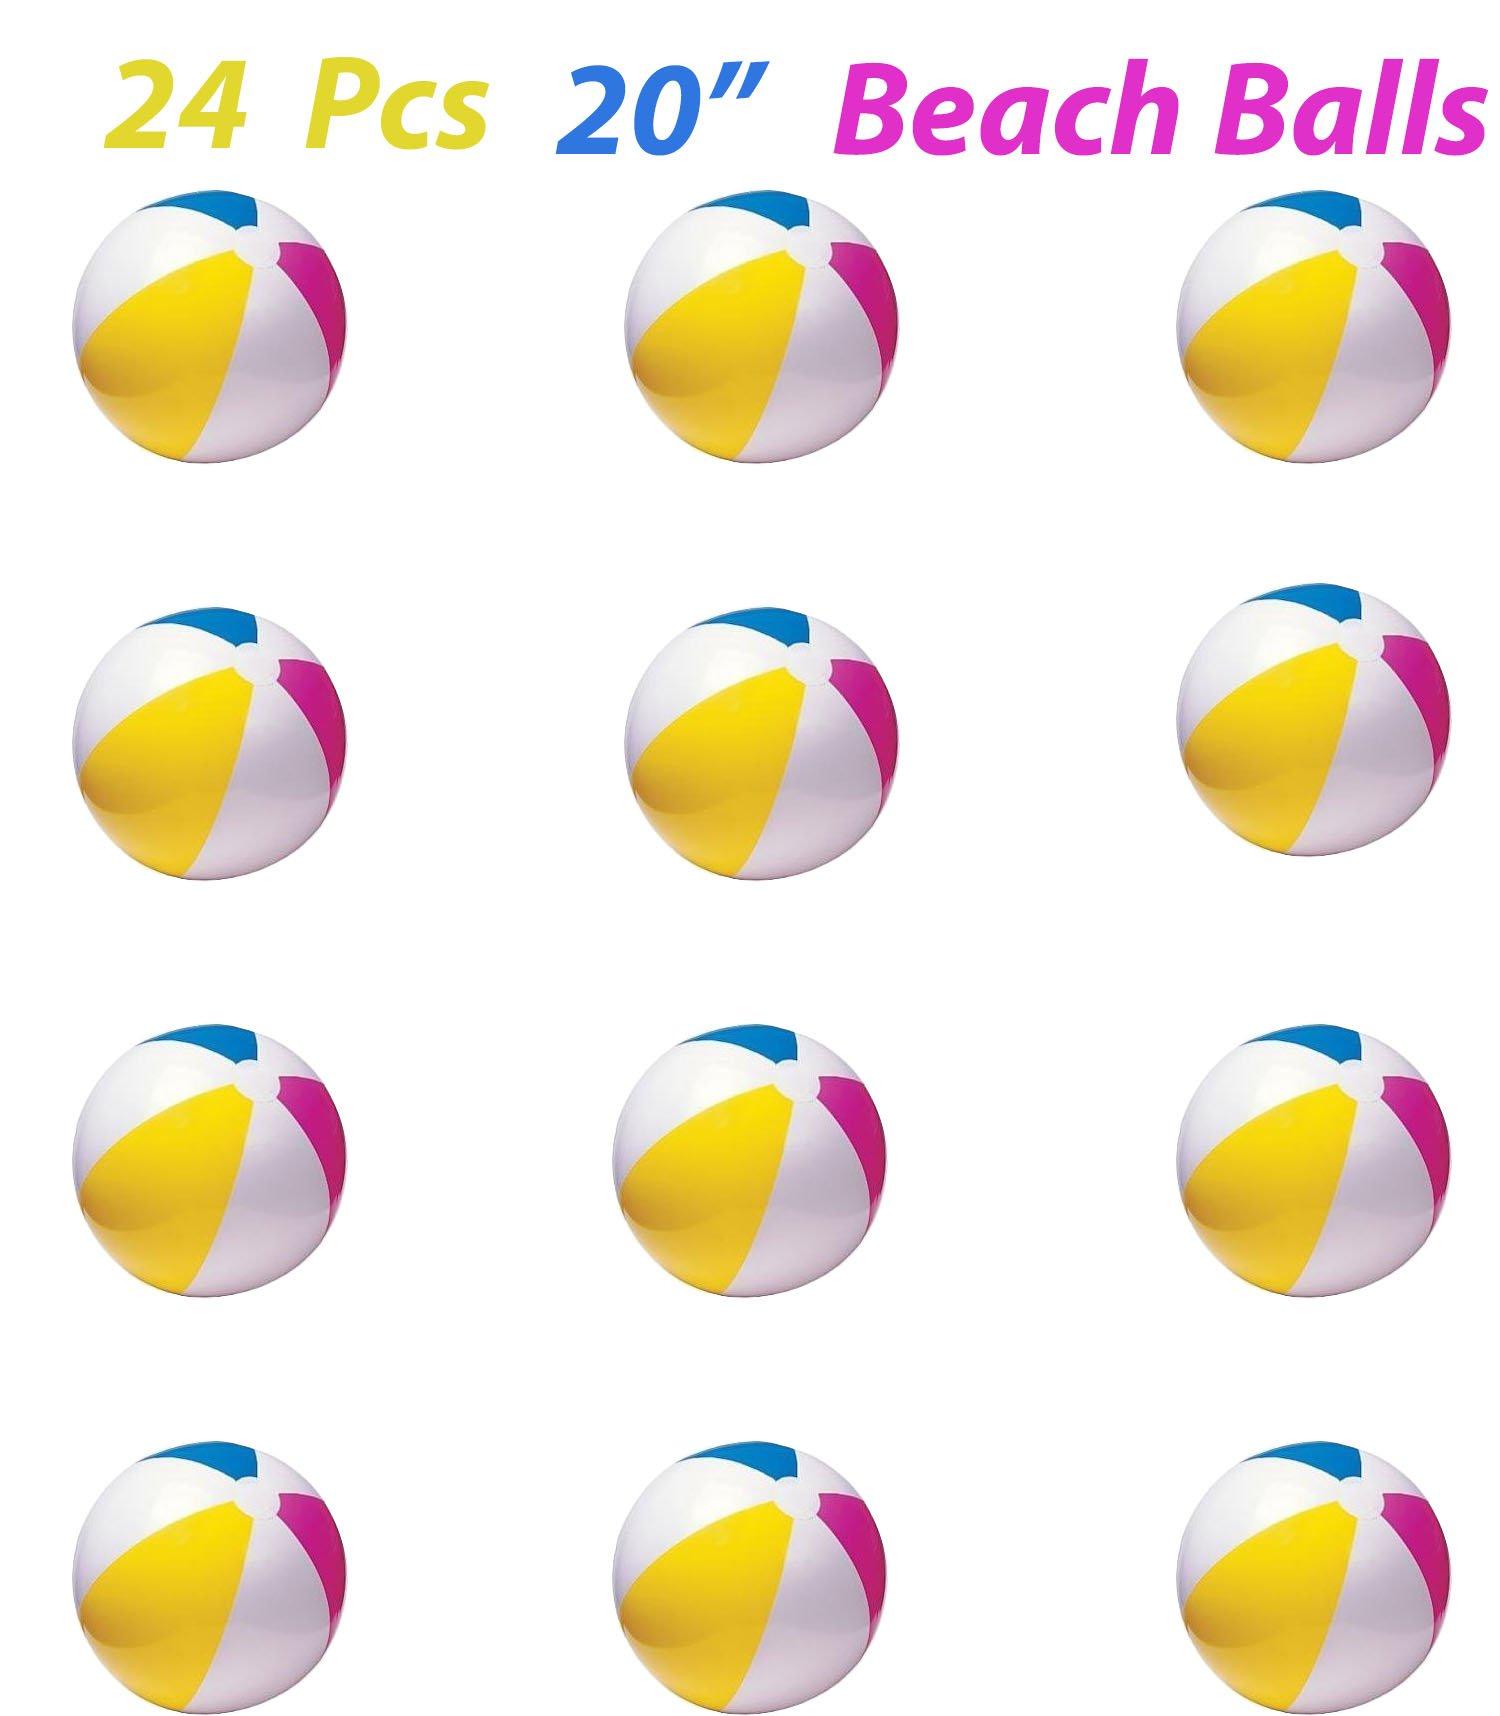 Rhode Island Novelty 20 Inch Beach Ball (24 Piece Per Order) (2) by Rhode Island Novelty